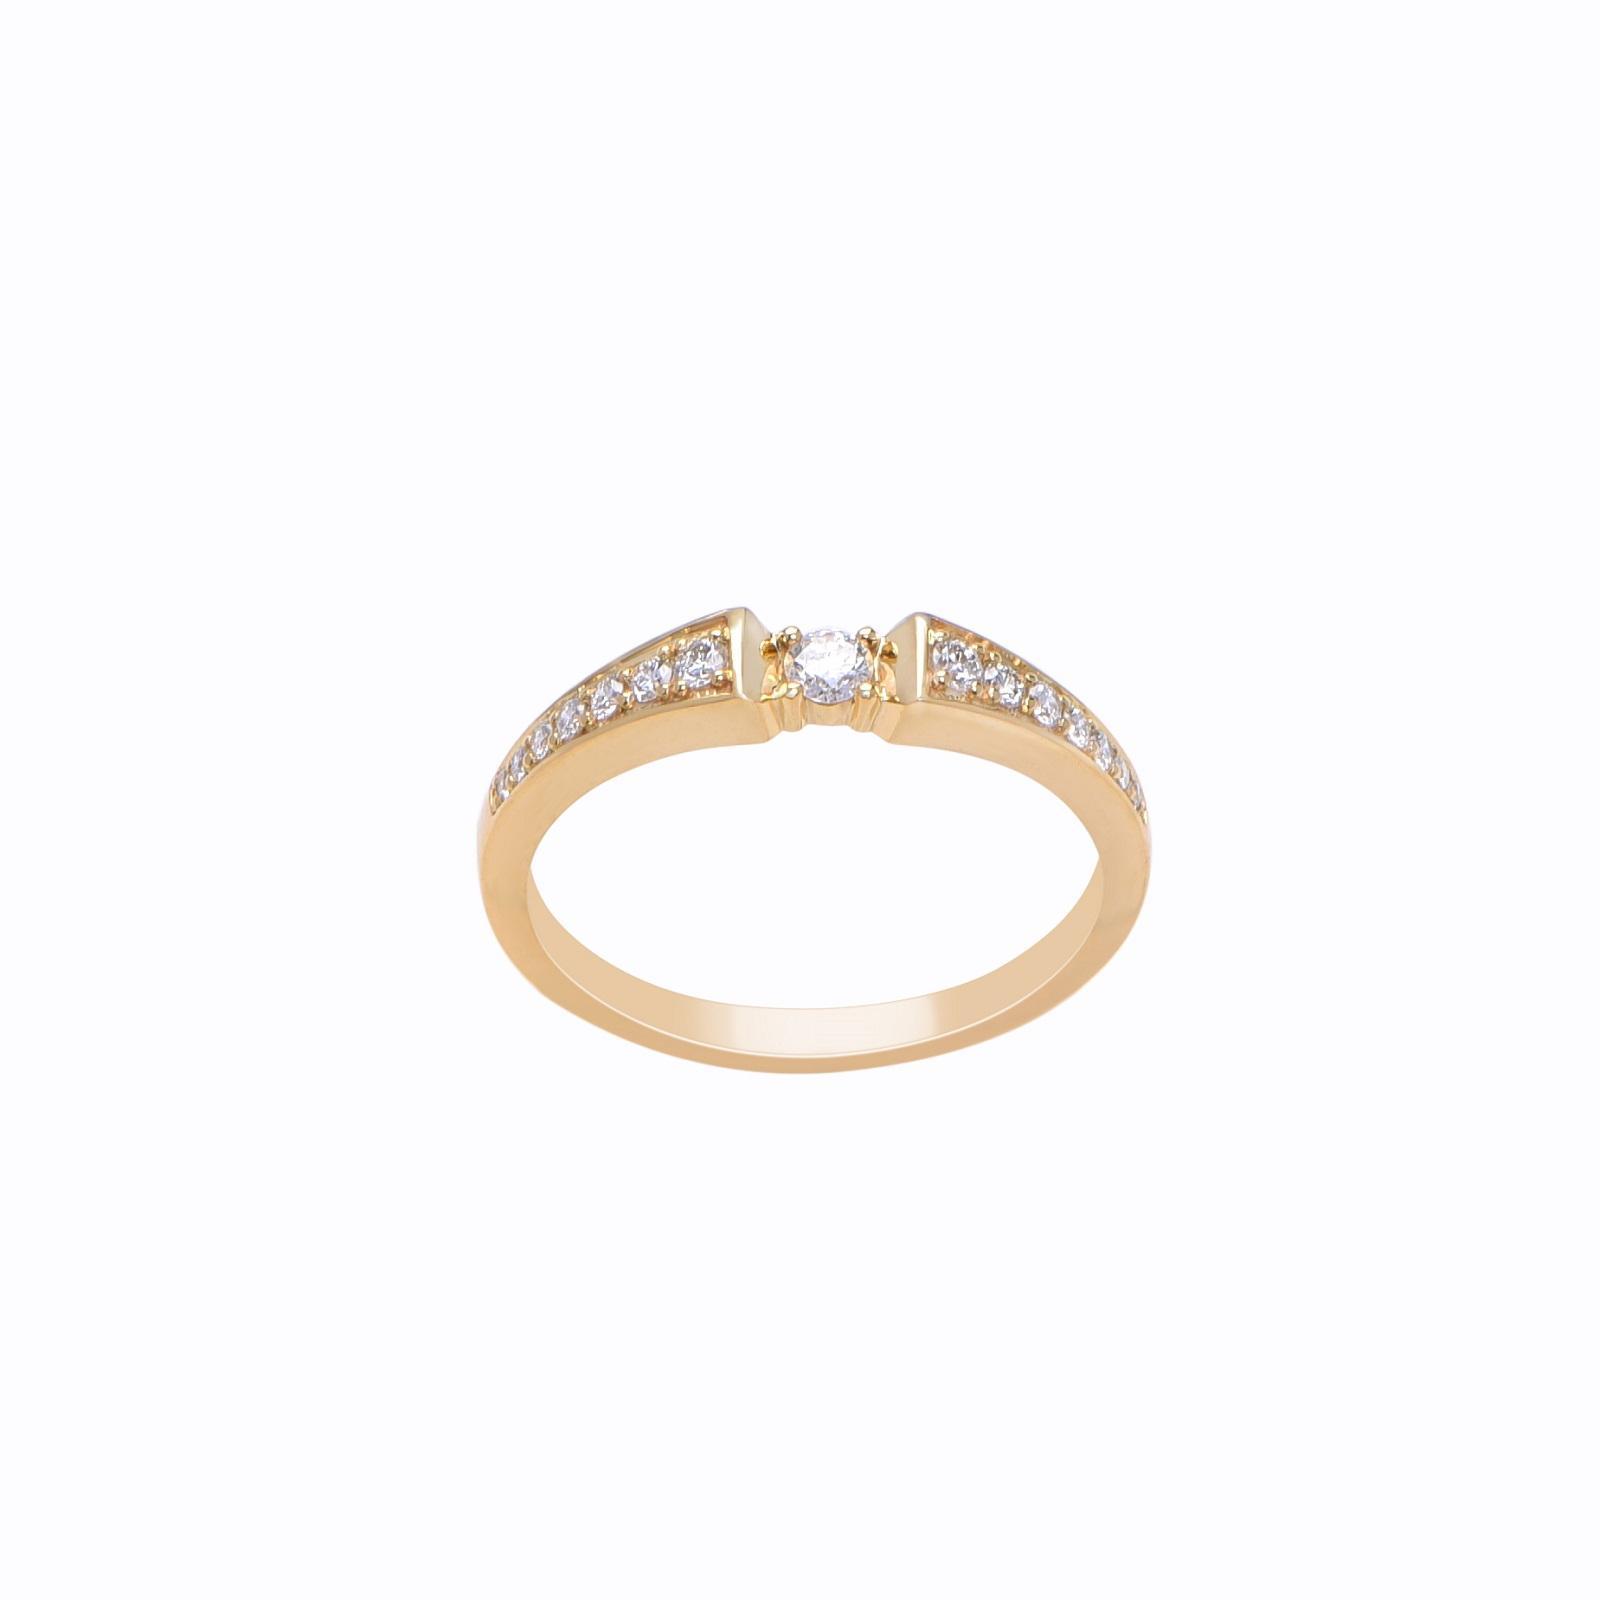 Nhẫn cưới Kim cương nữ 21Q.011NC